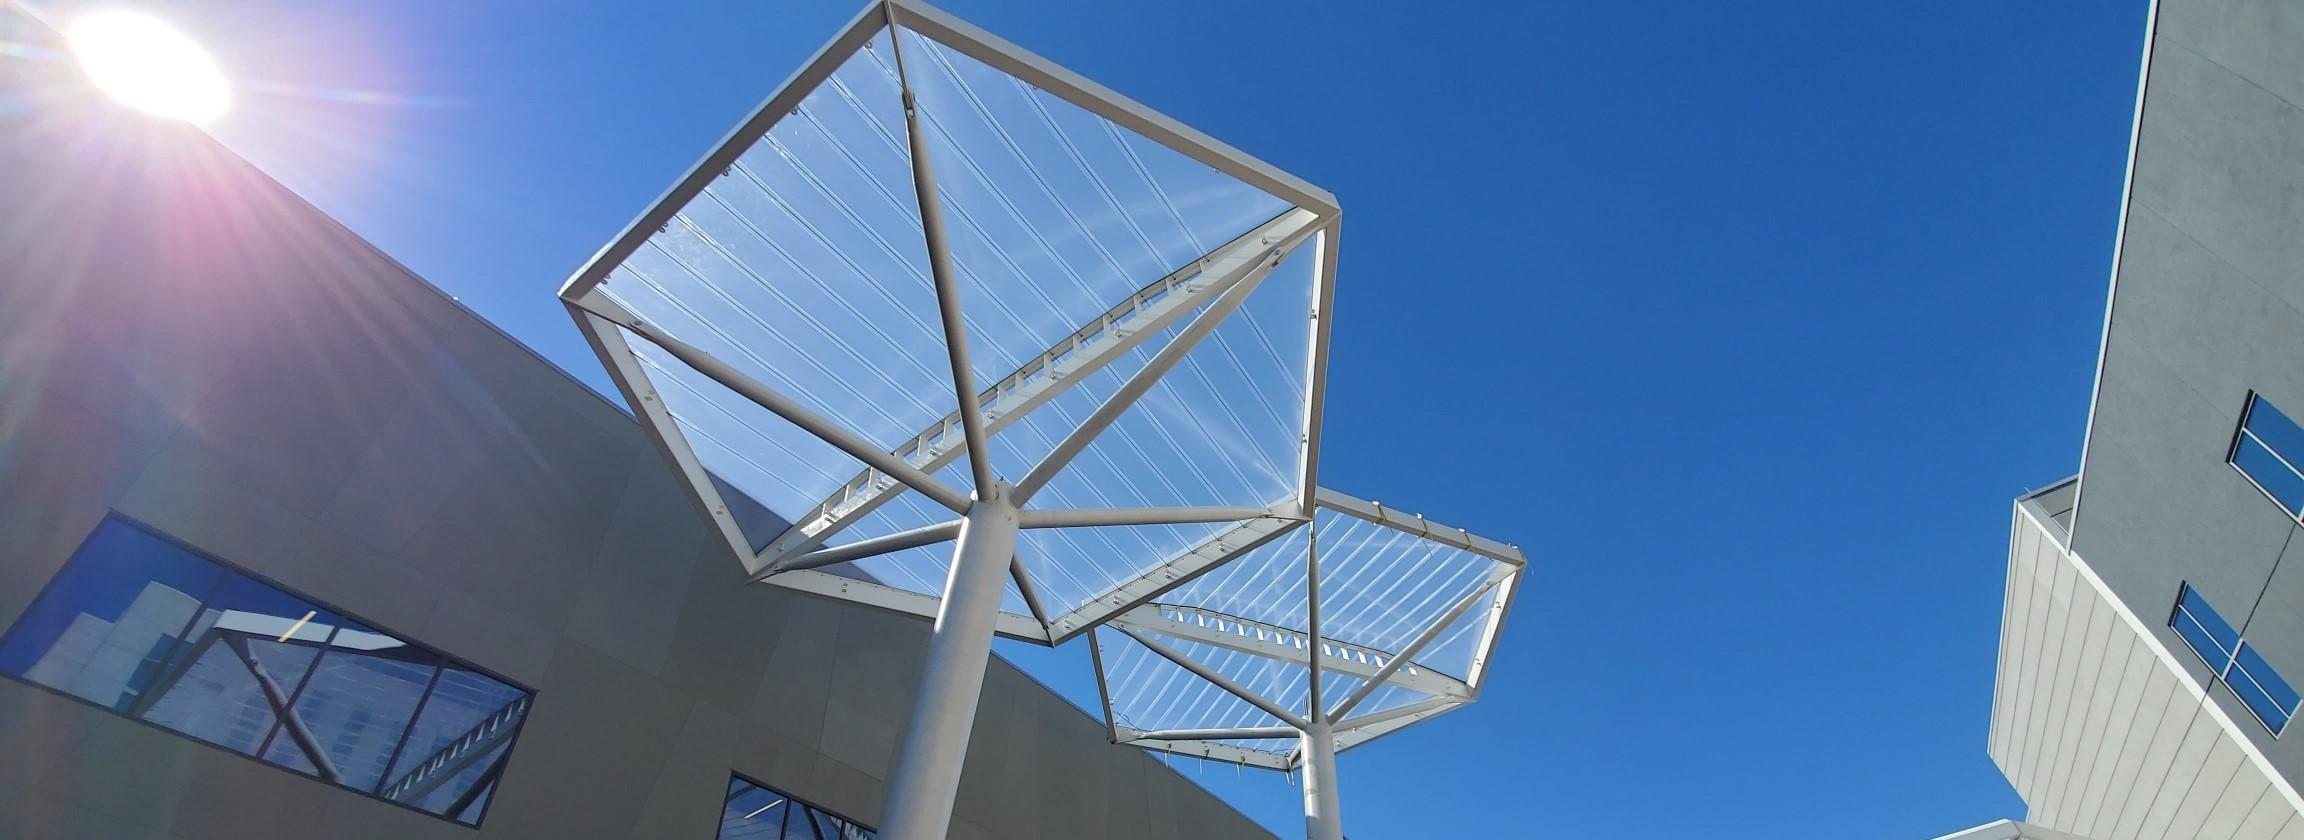 Birdair ETFE structure